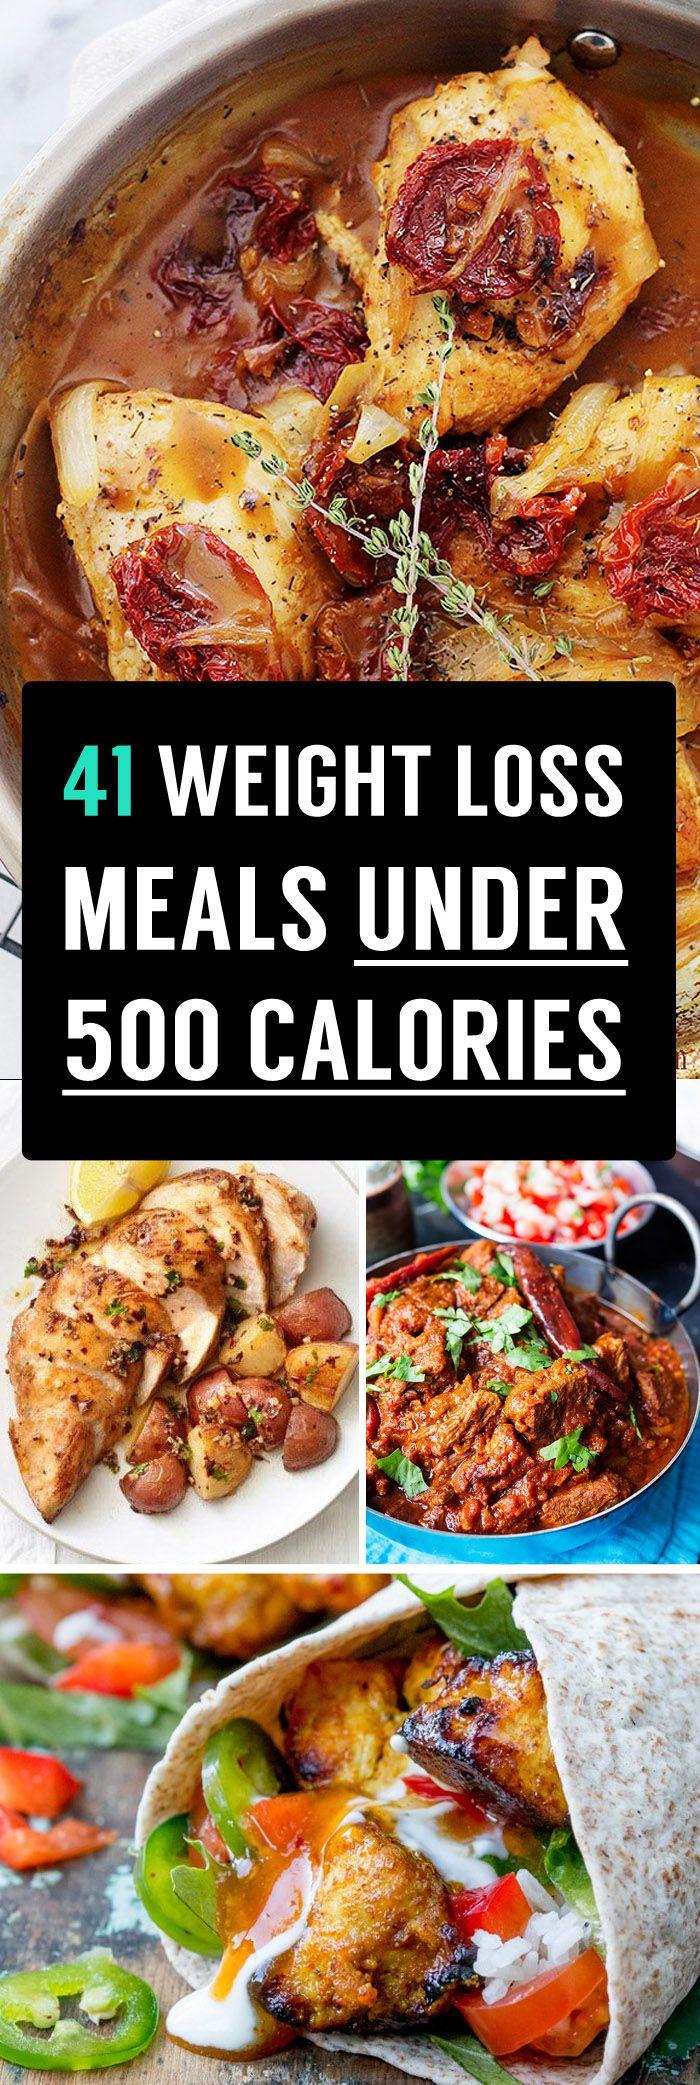 dieta calorica 2000 calorie indianem